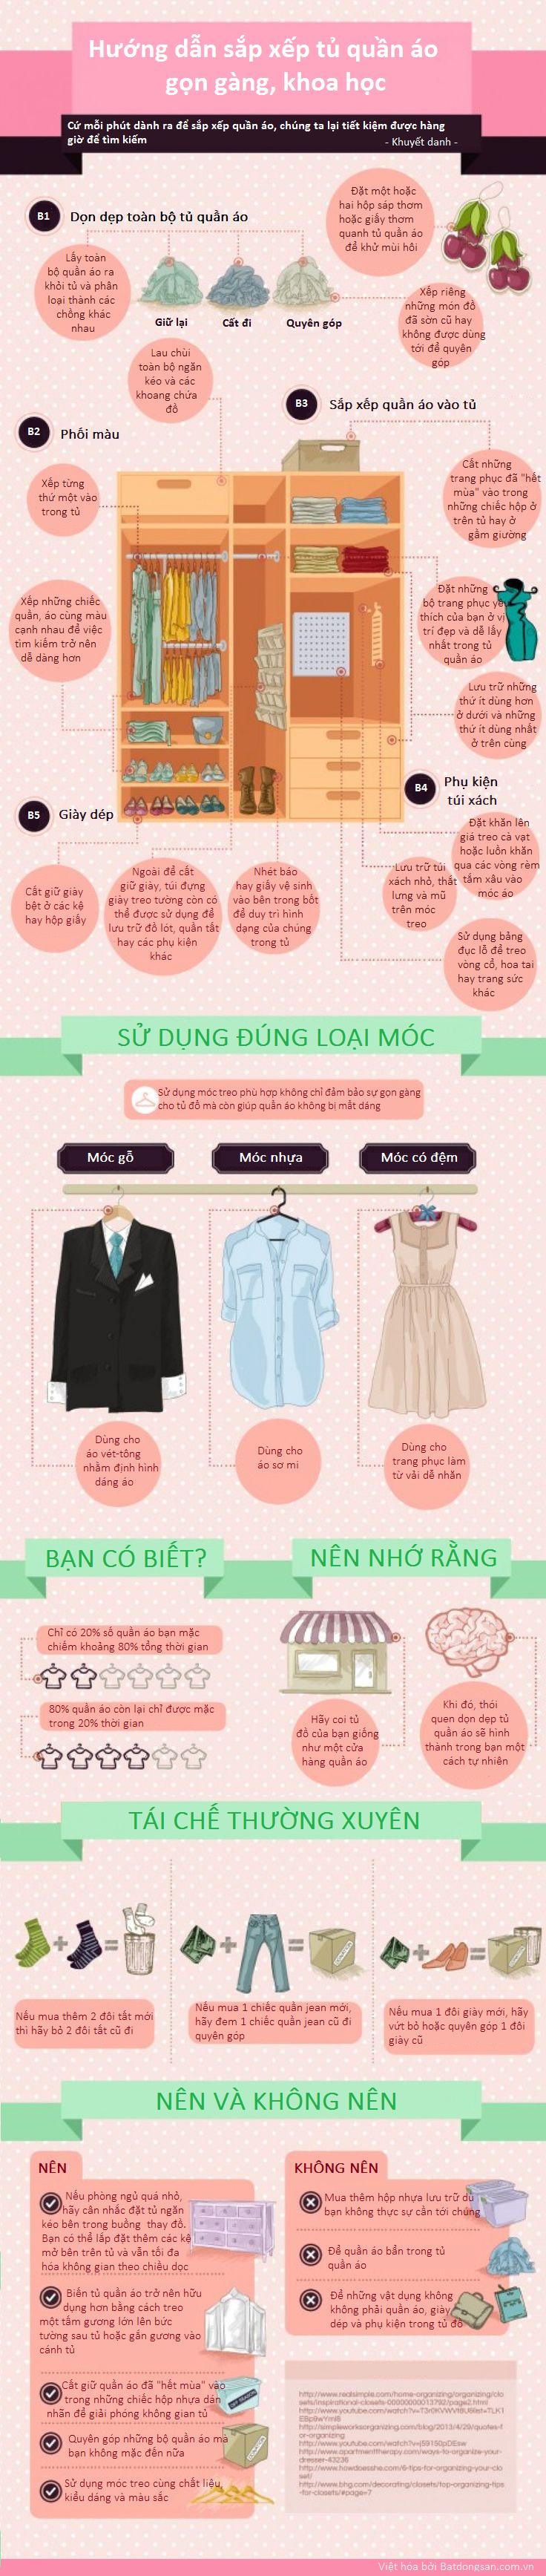 [Infographic] Cách sắp xếp tủ quần áo khoa học, gọn gàng